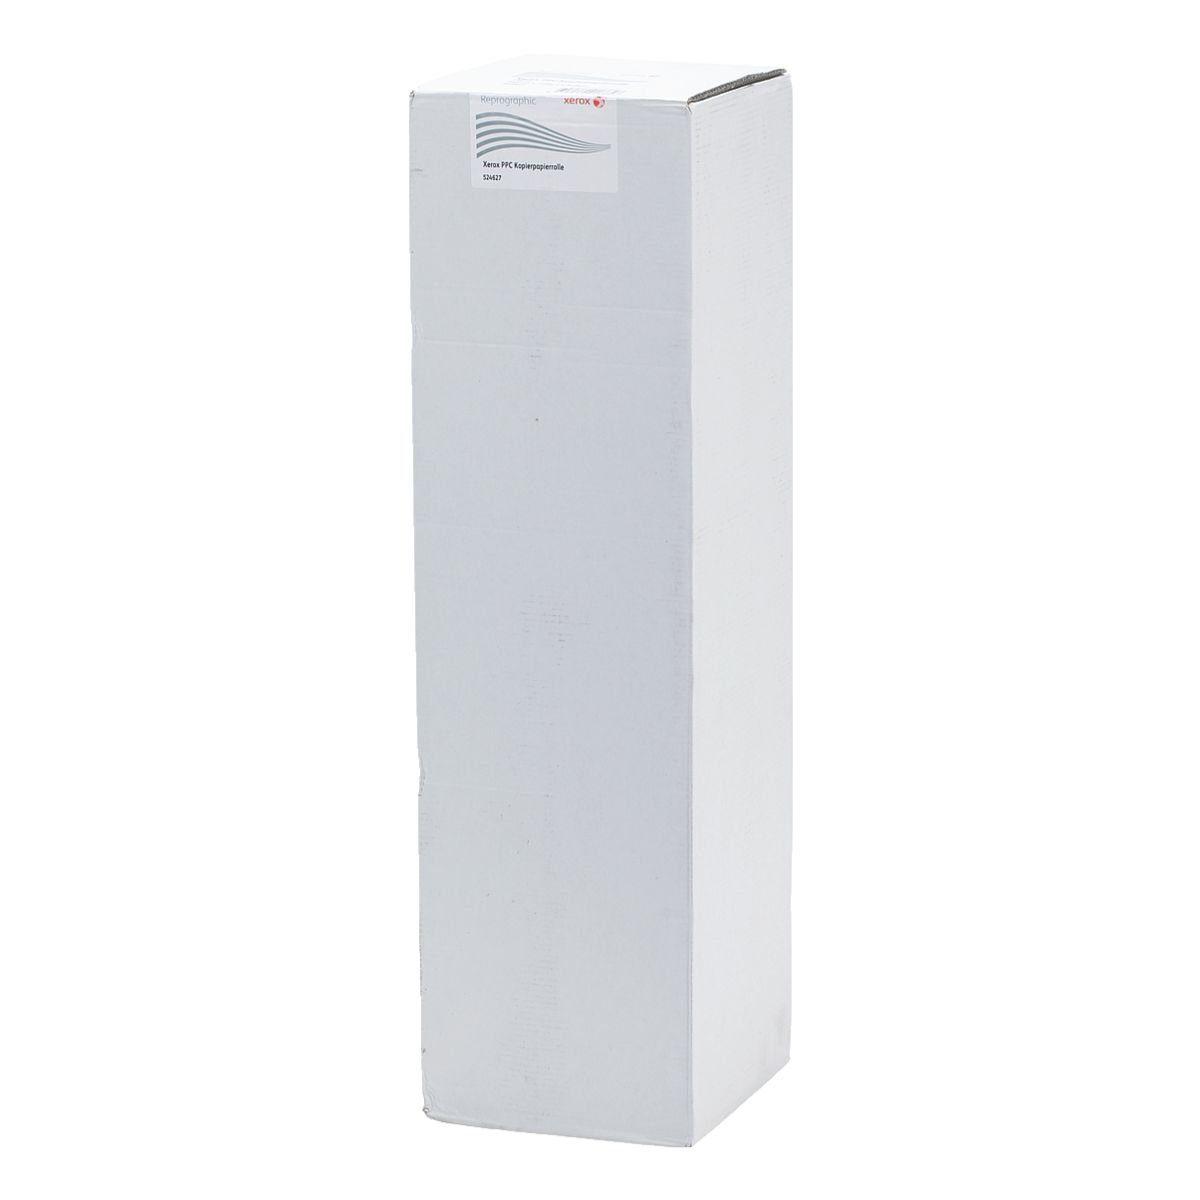 Xerox Kopierpapierrolle 75 g/m² 914 mm x 175 m »30«